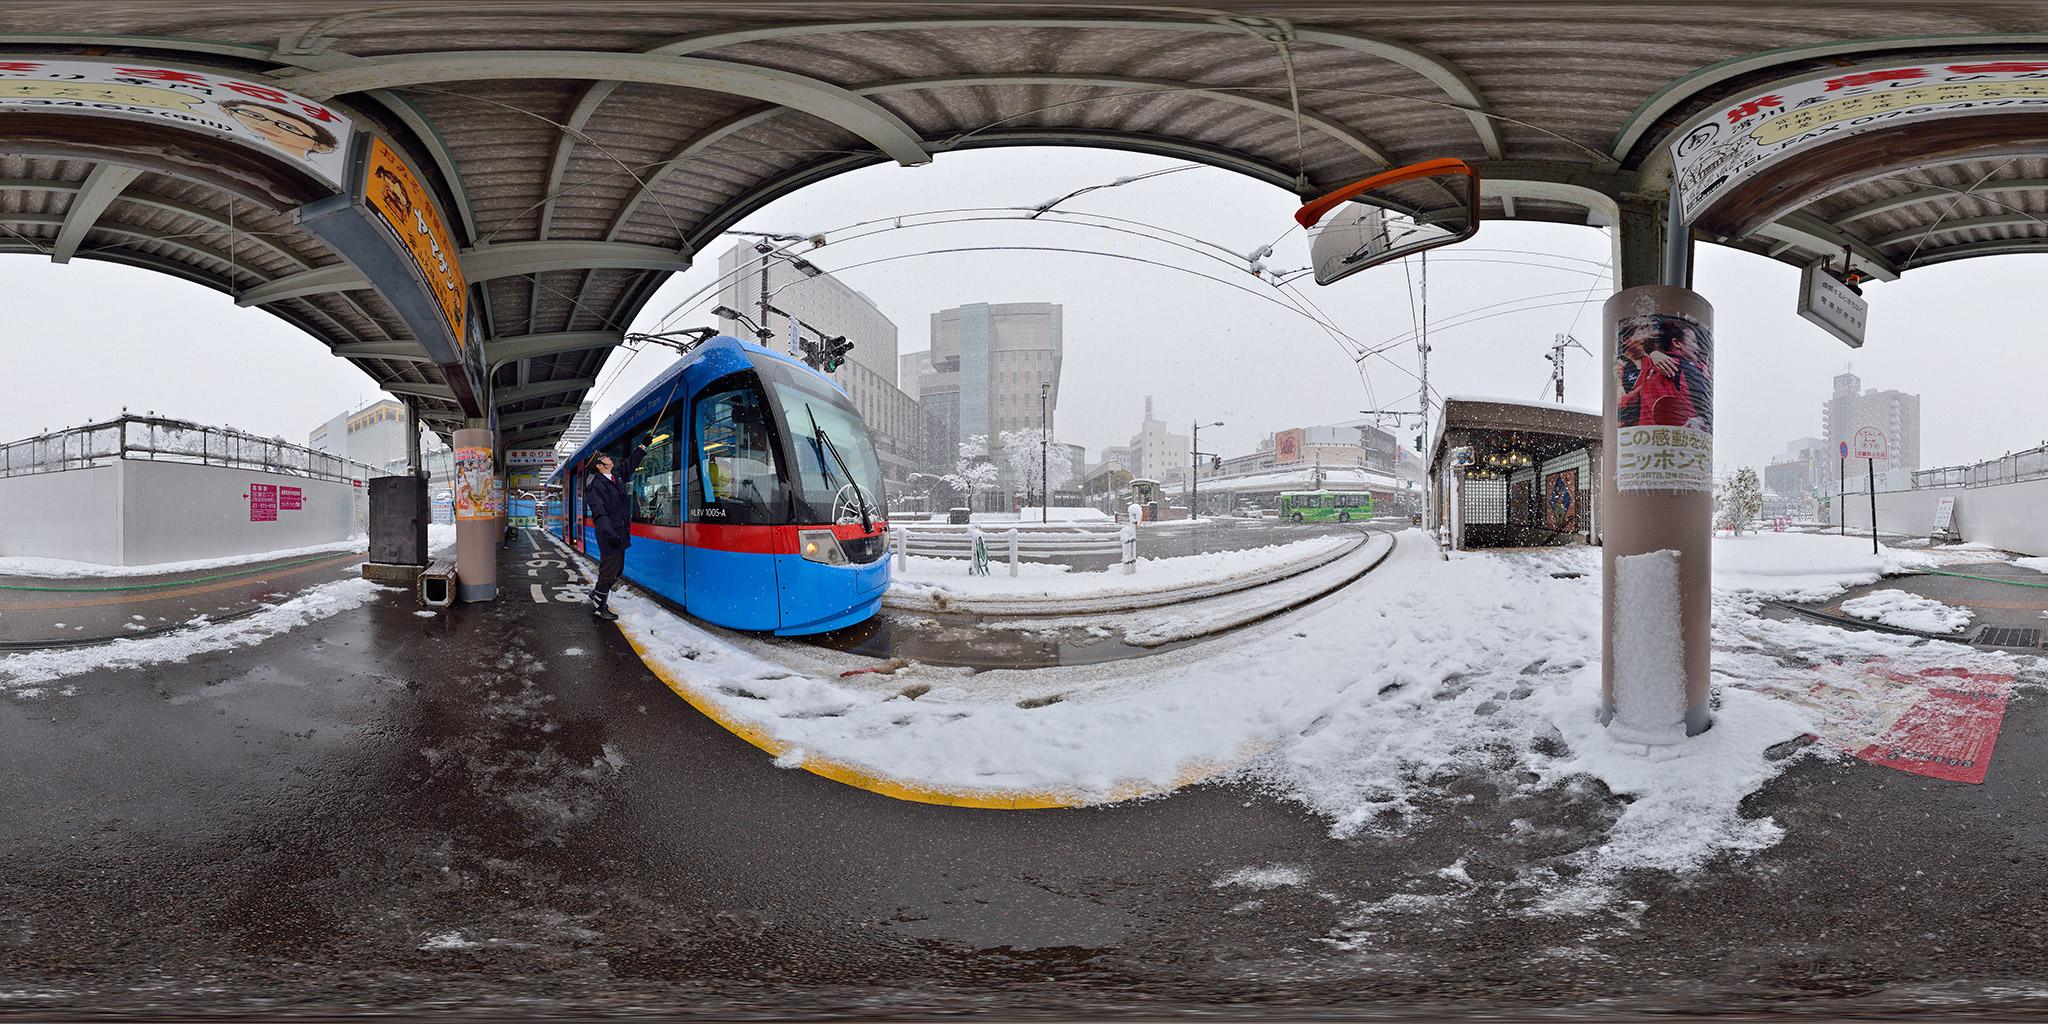 雪の日のドラえもんトラムMLRV1005